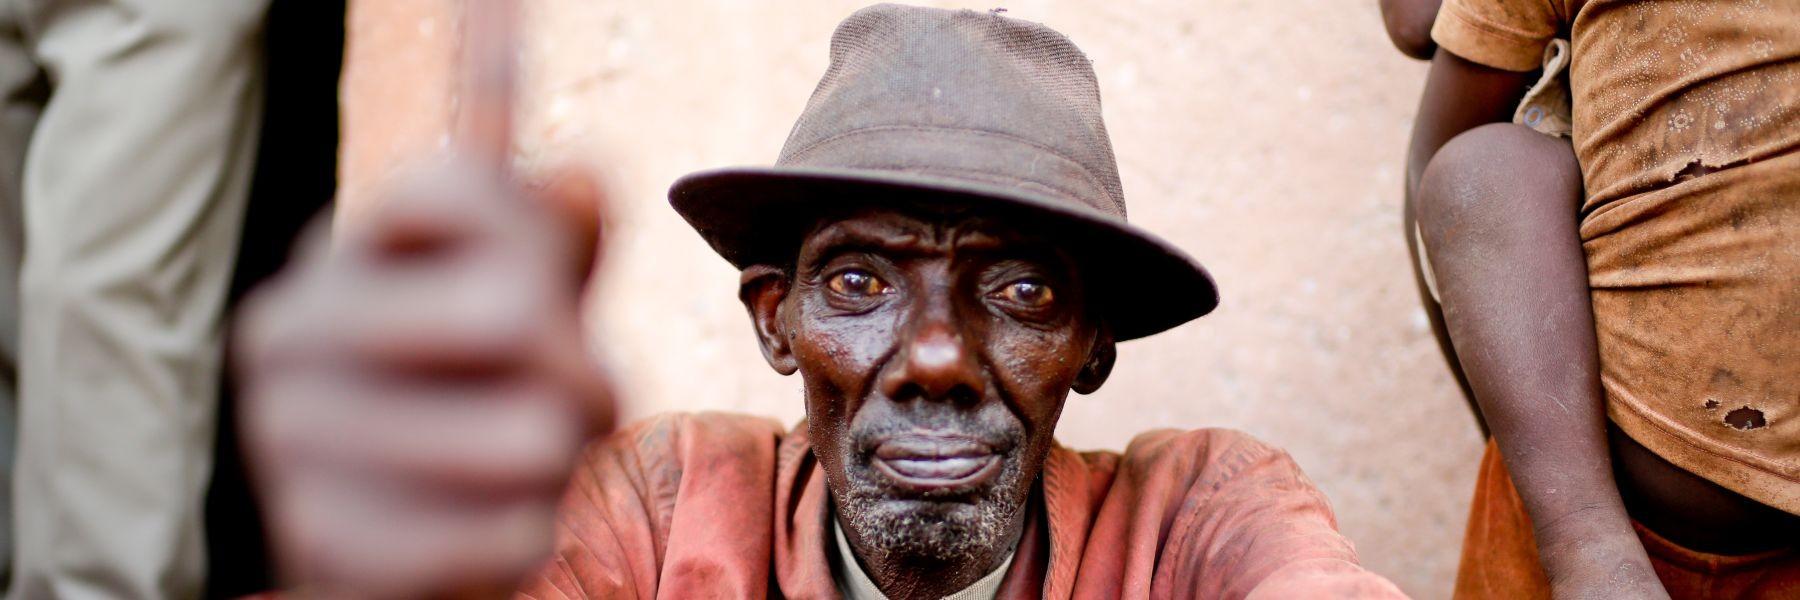 Kaffee-Farmer Burundi